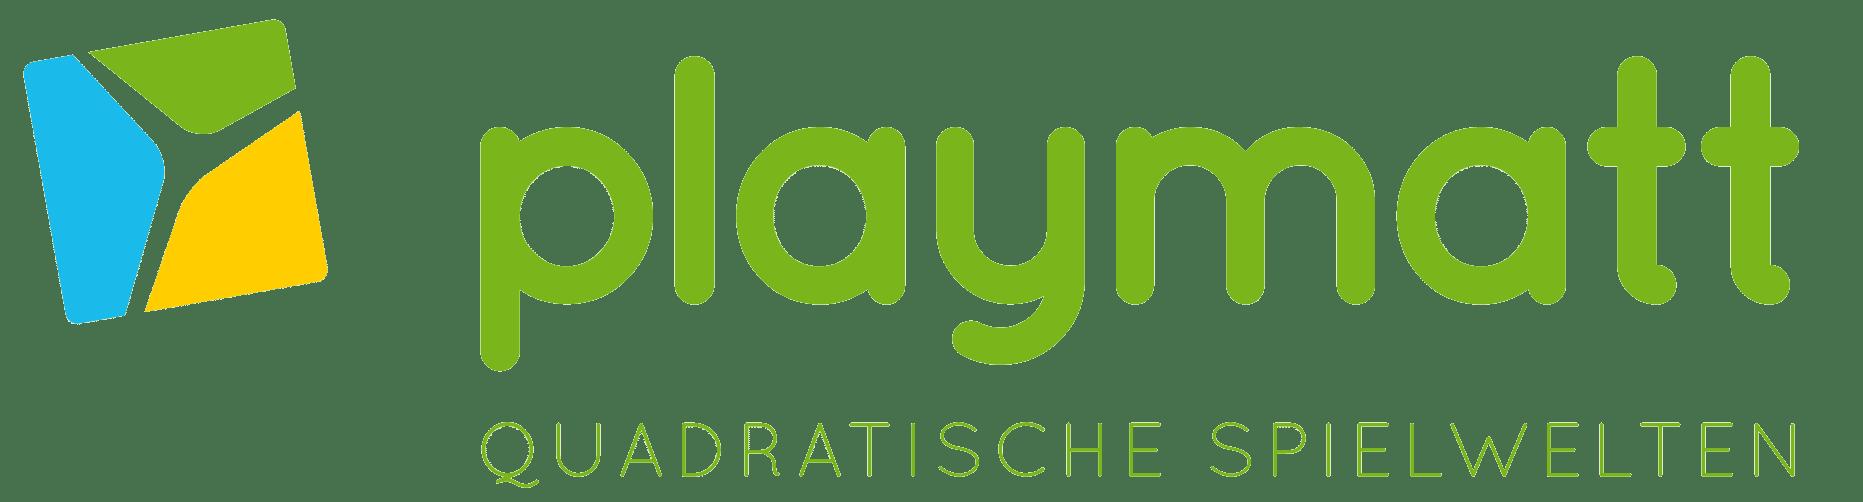 Playmatt - Quadratische Spielwelten